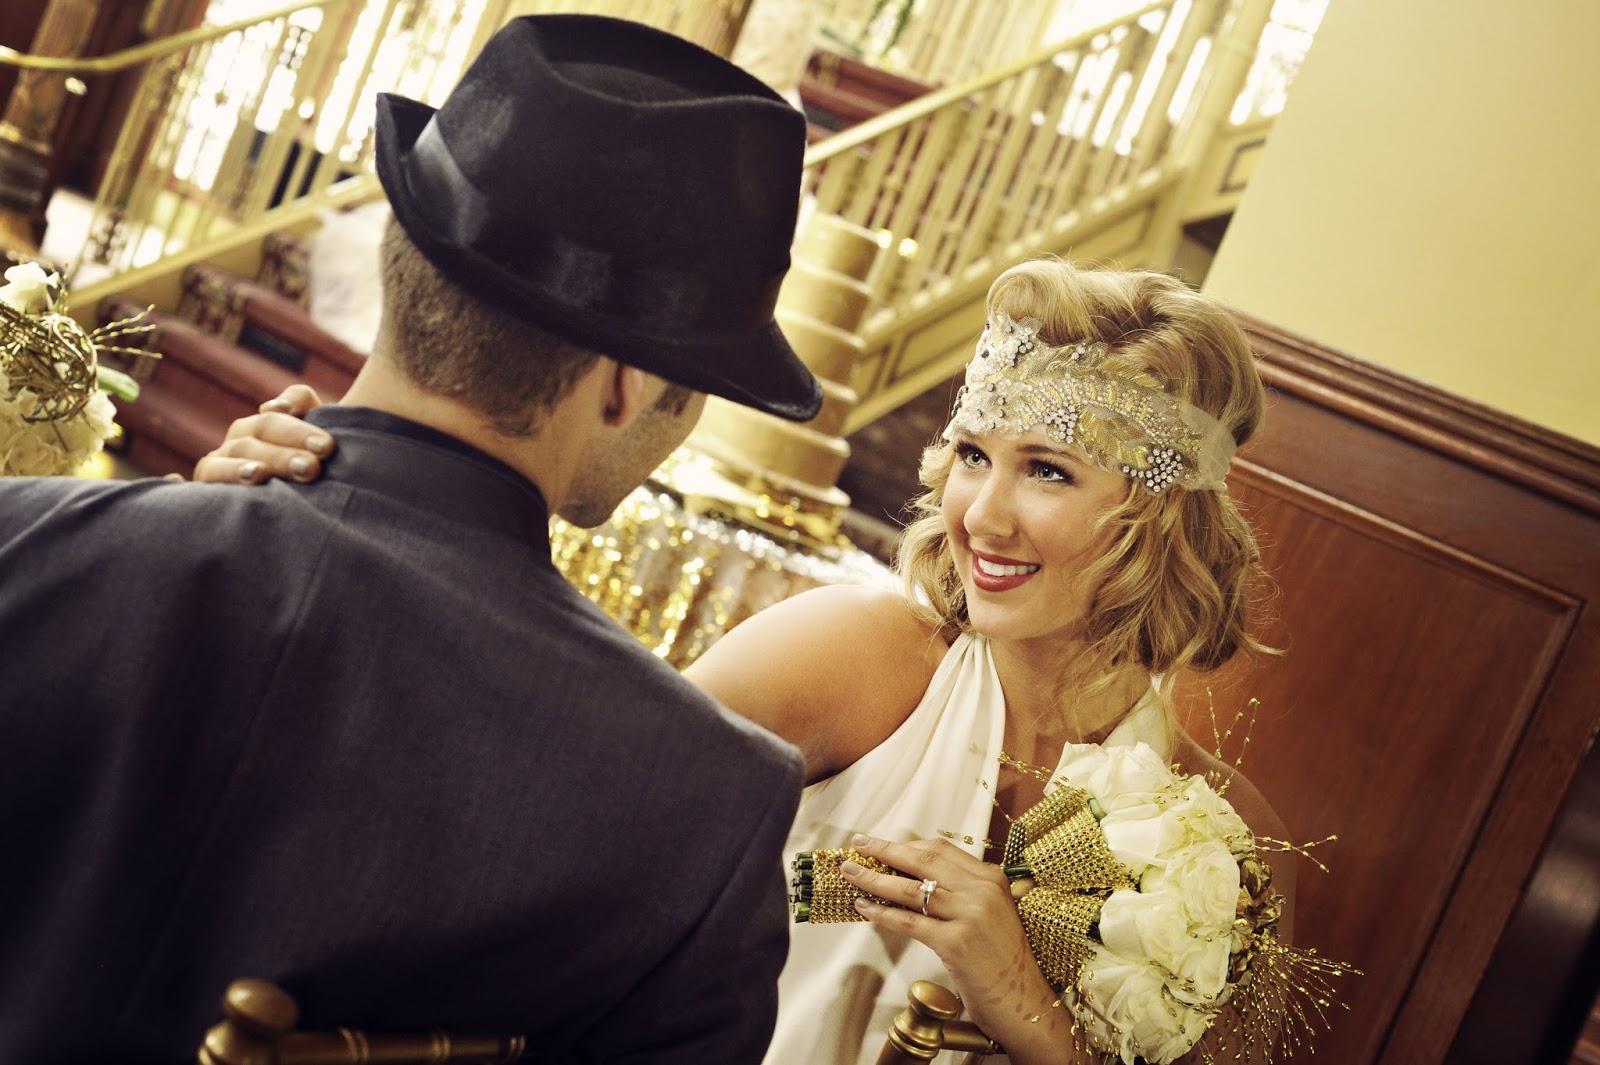 wedding planner/florist : august 2013